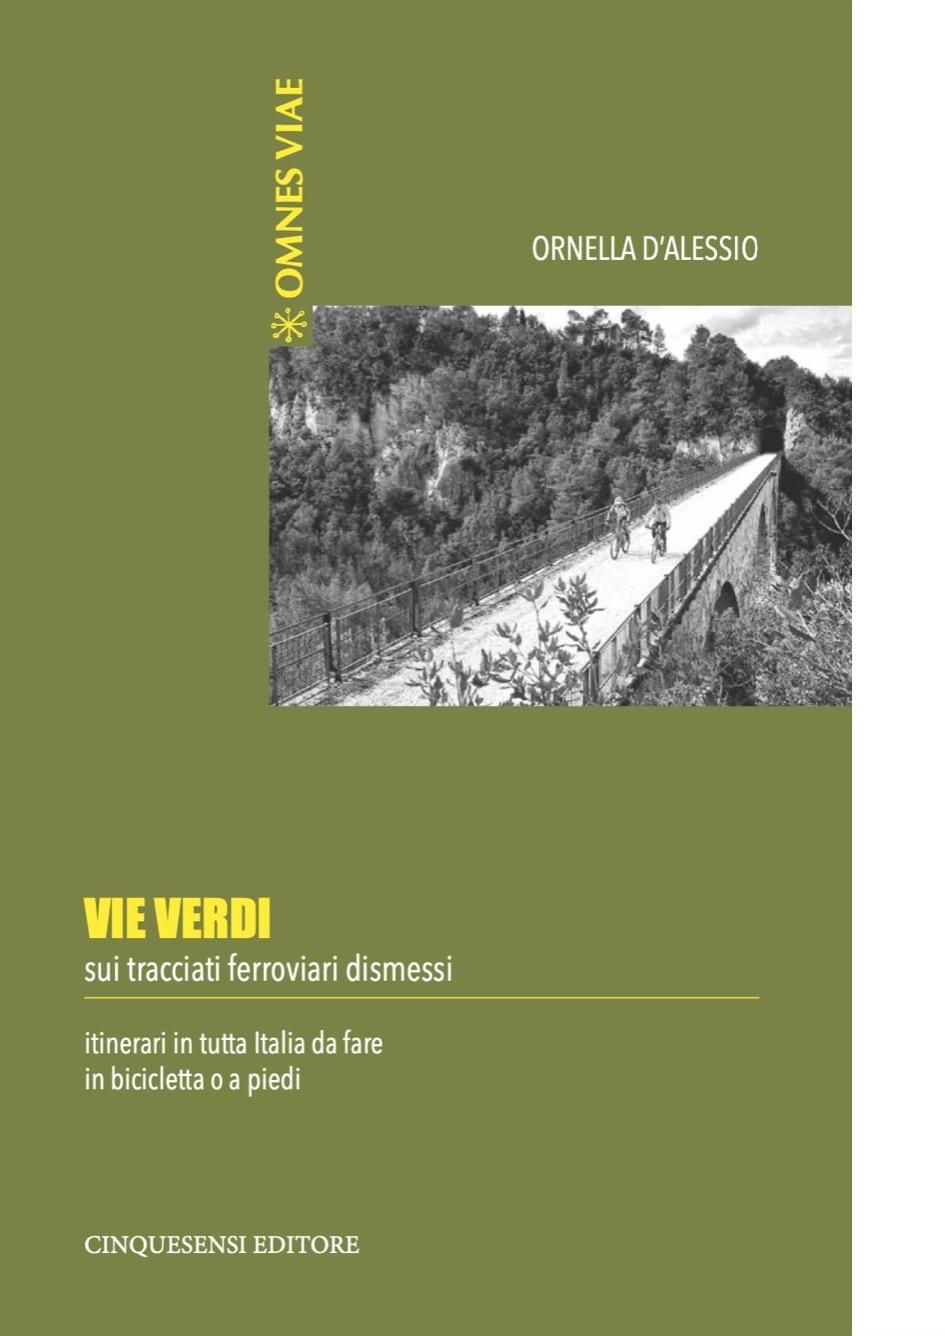 Ornella D'Alessio